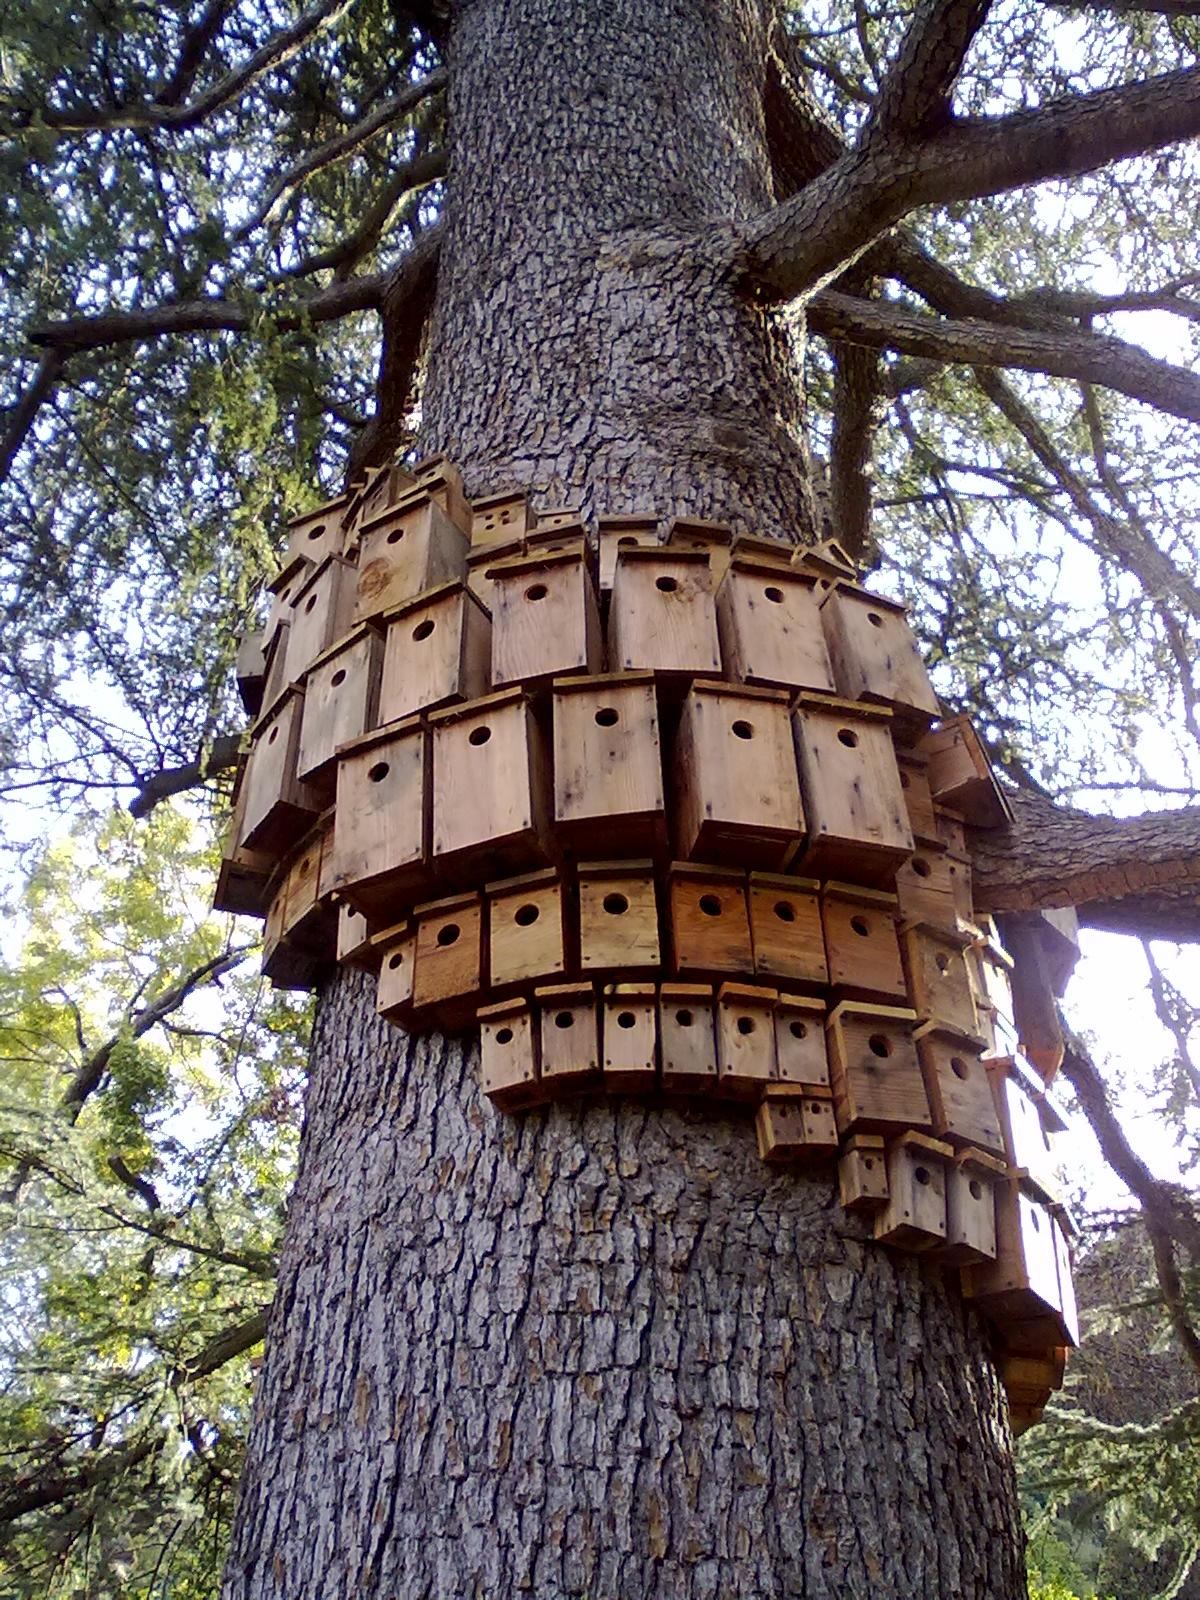 Unique Creative Bird Houses.